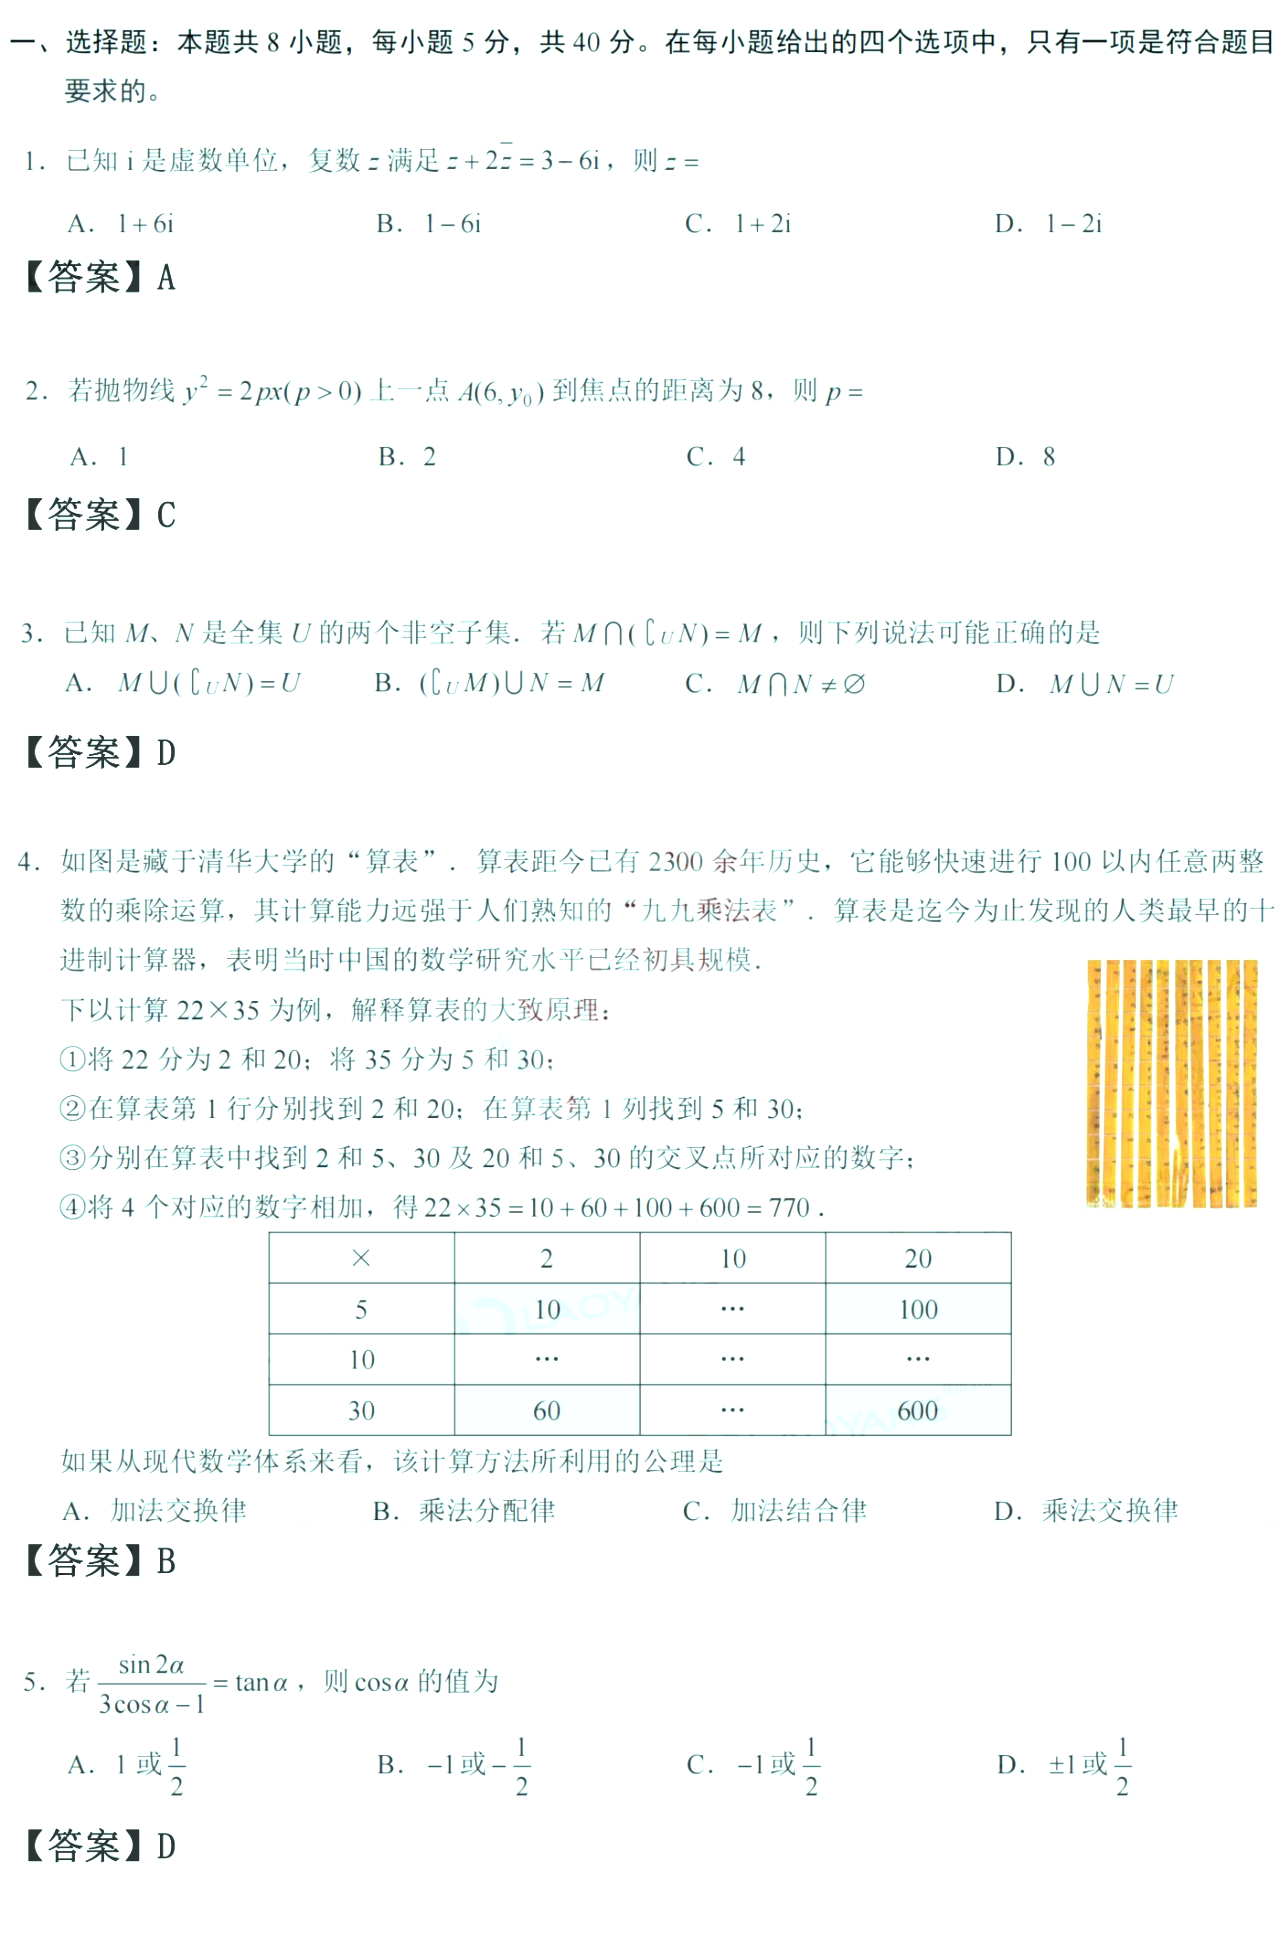 徐州一中2022届高三线上联考数学试题及答案详解